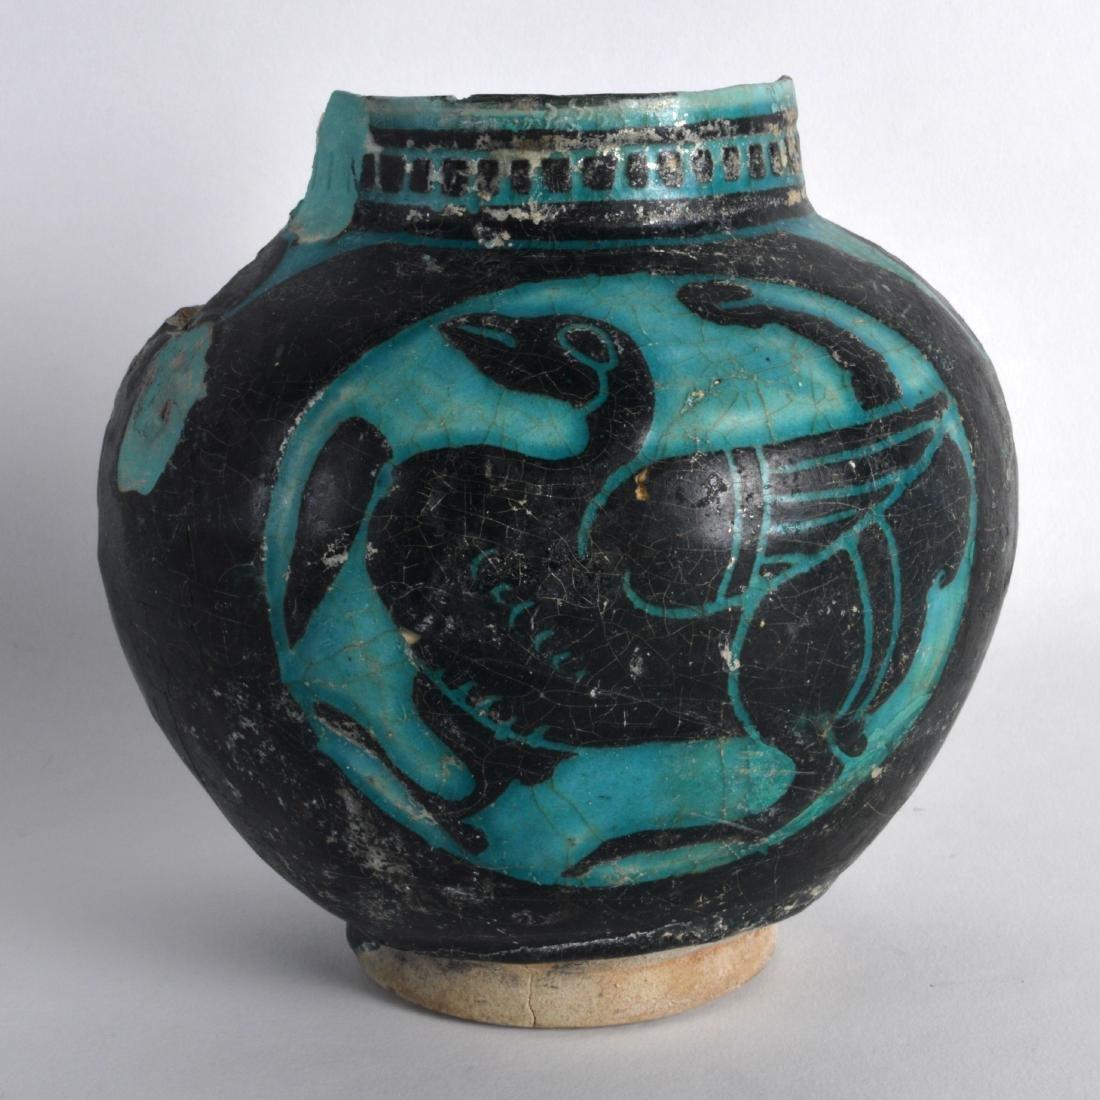 A Persian Silhouette Ware Vase, 12th/13th Century,